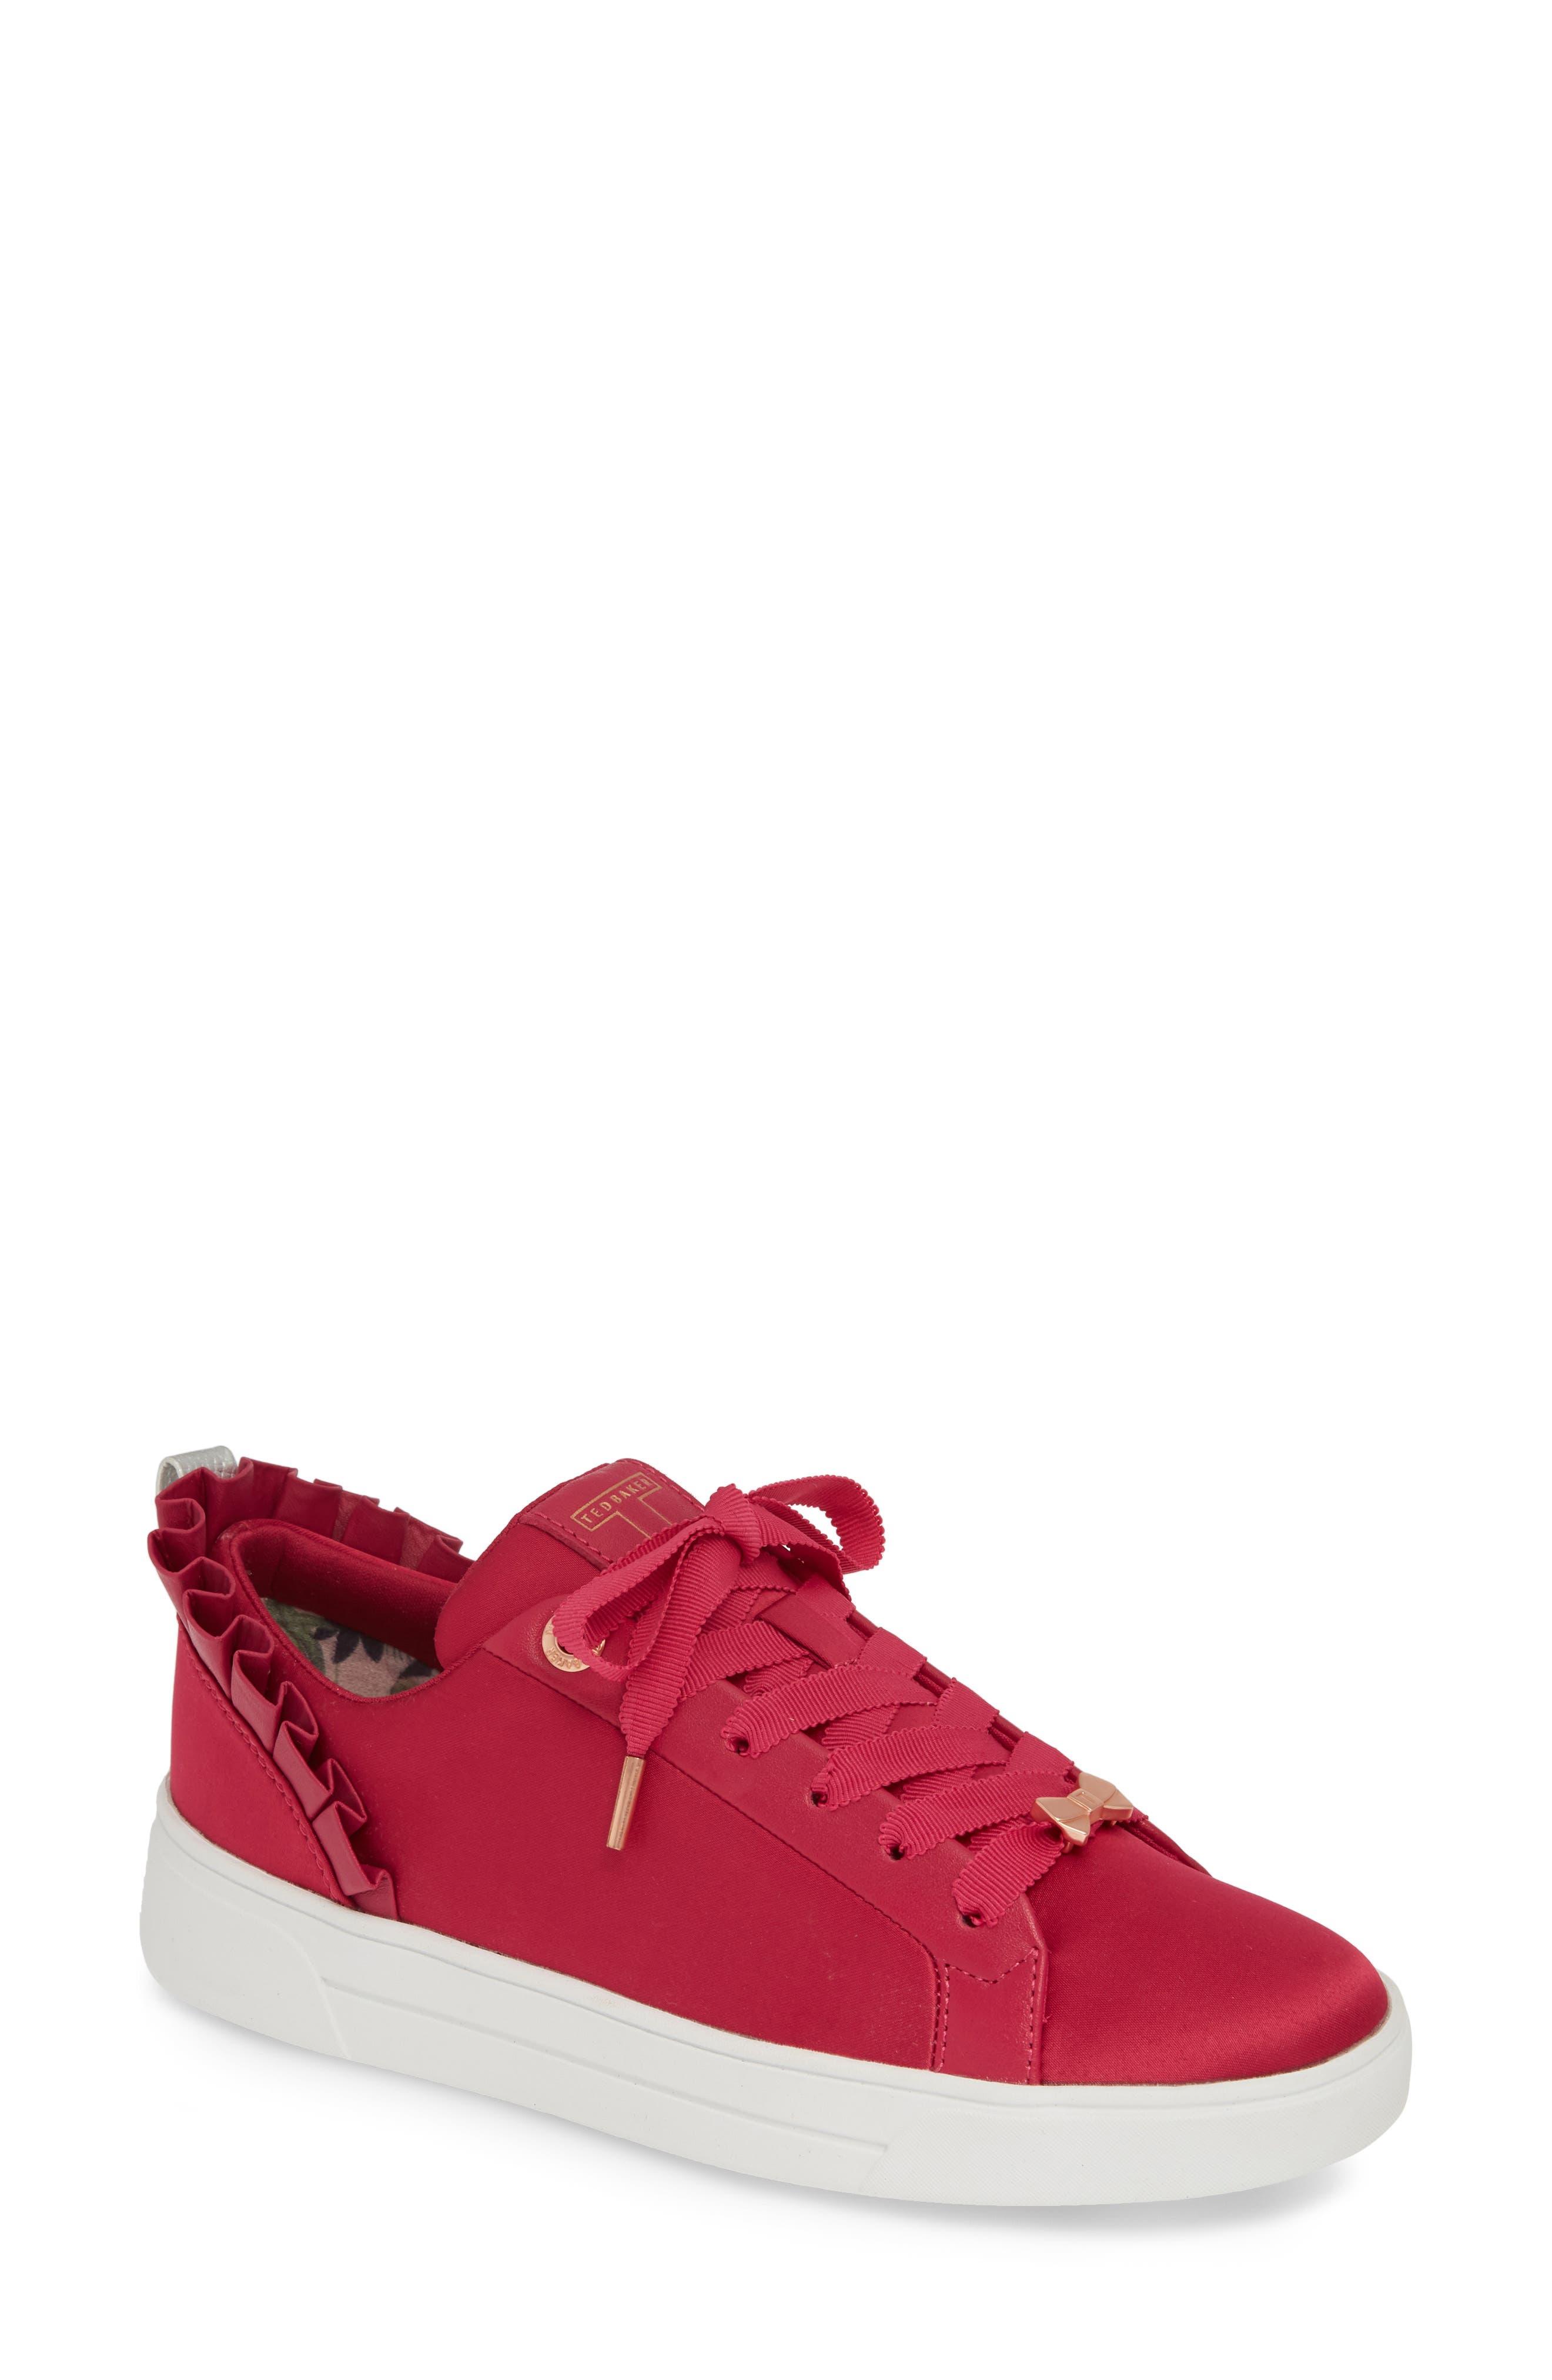 Ted Baker London Astrias Sneaker - Pink